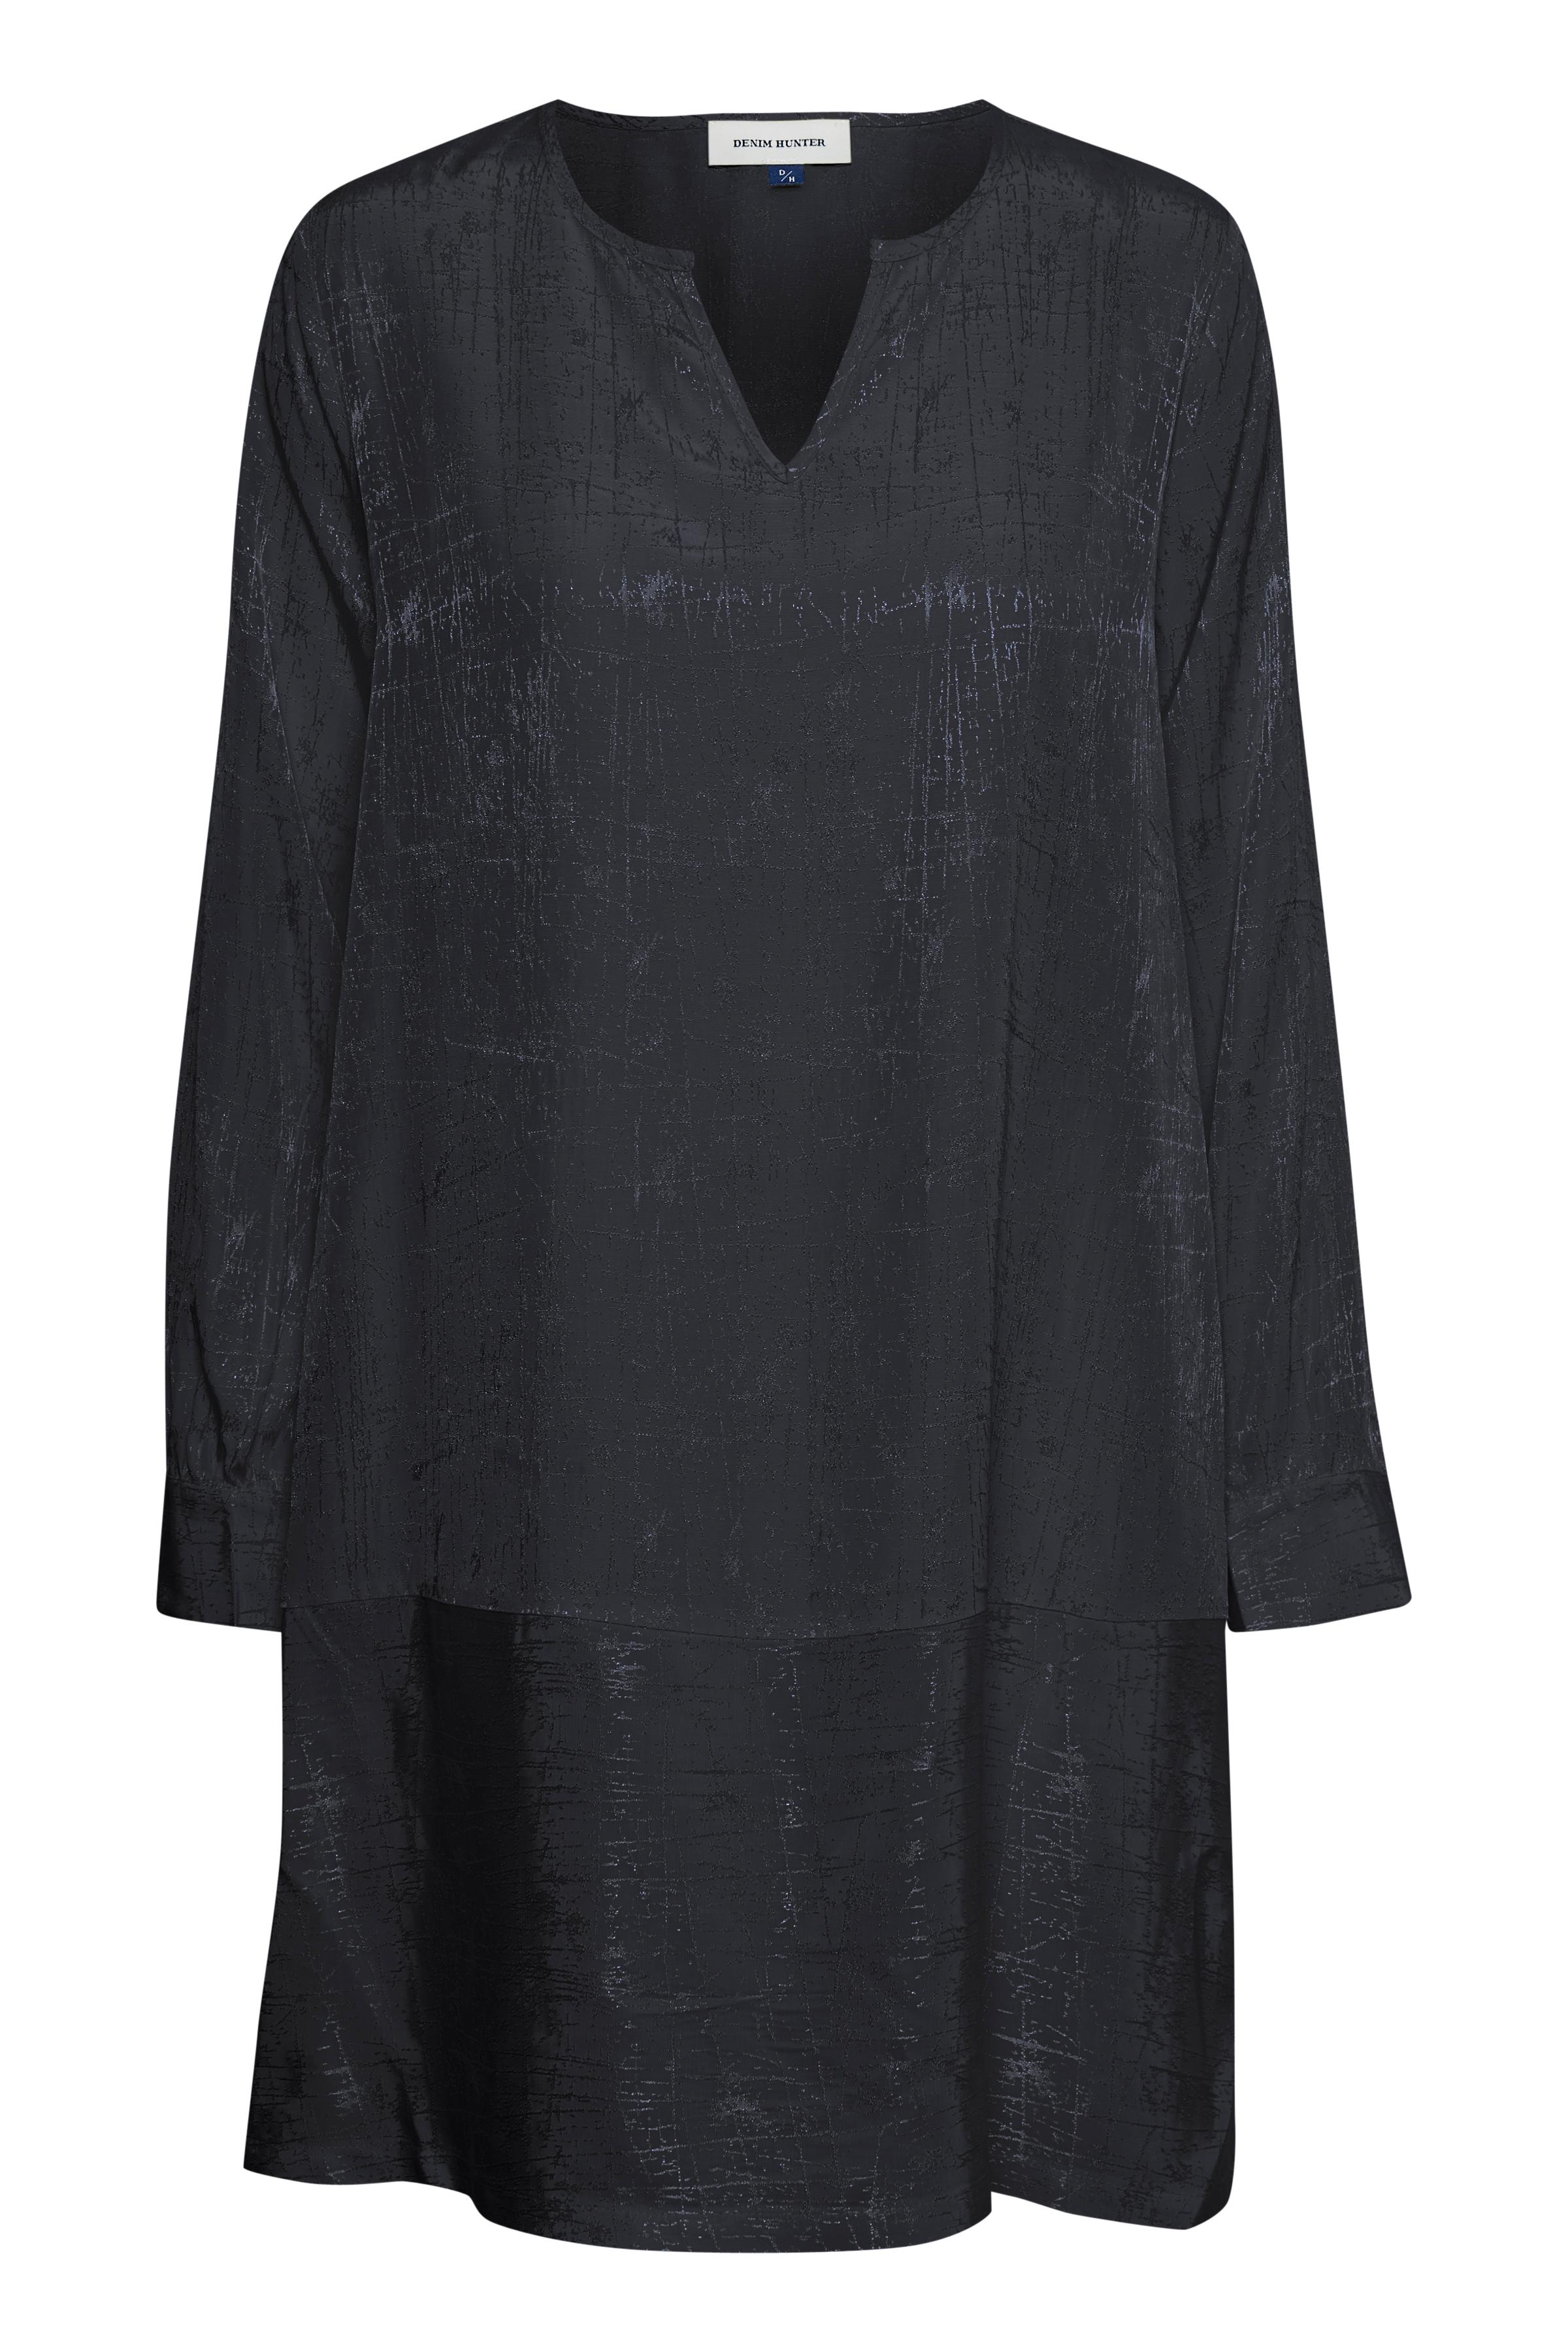 Marineblå Kjole fra Denim Hunter – Køb Marineblå Kjole fra str. 34-46 her